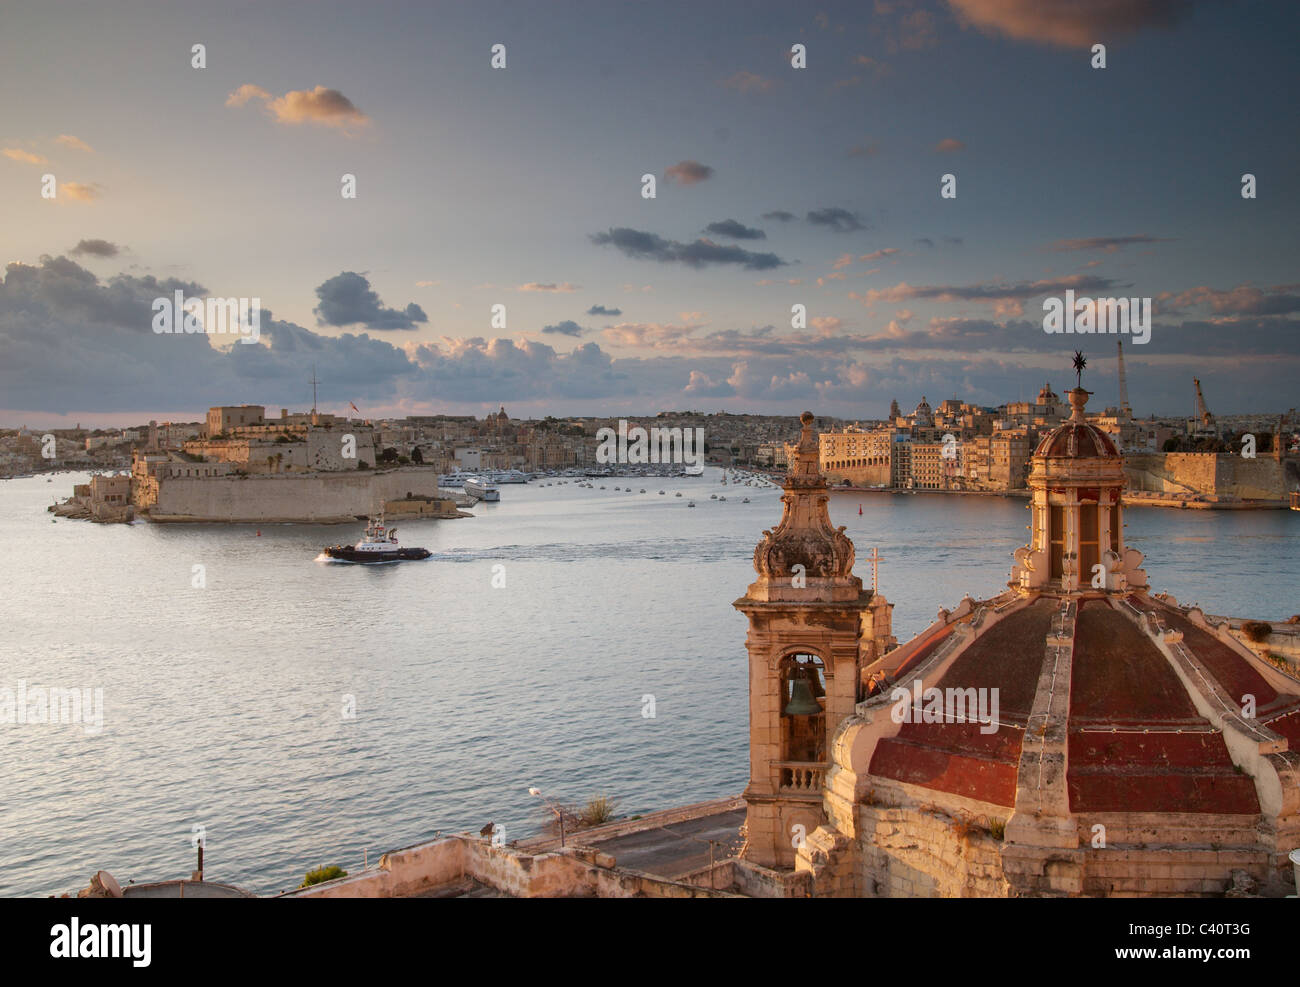 Sunrise over the Grand Harbor, Valletta, Malta - Stock Image